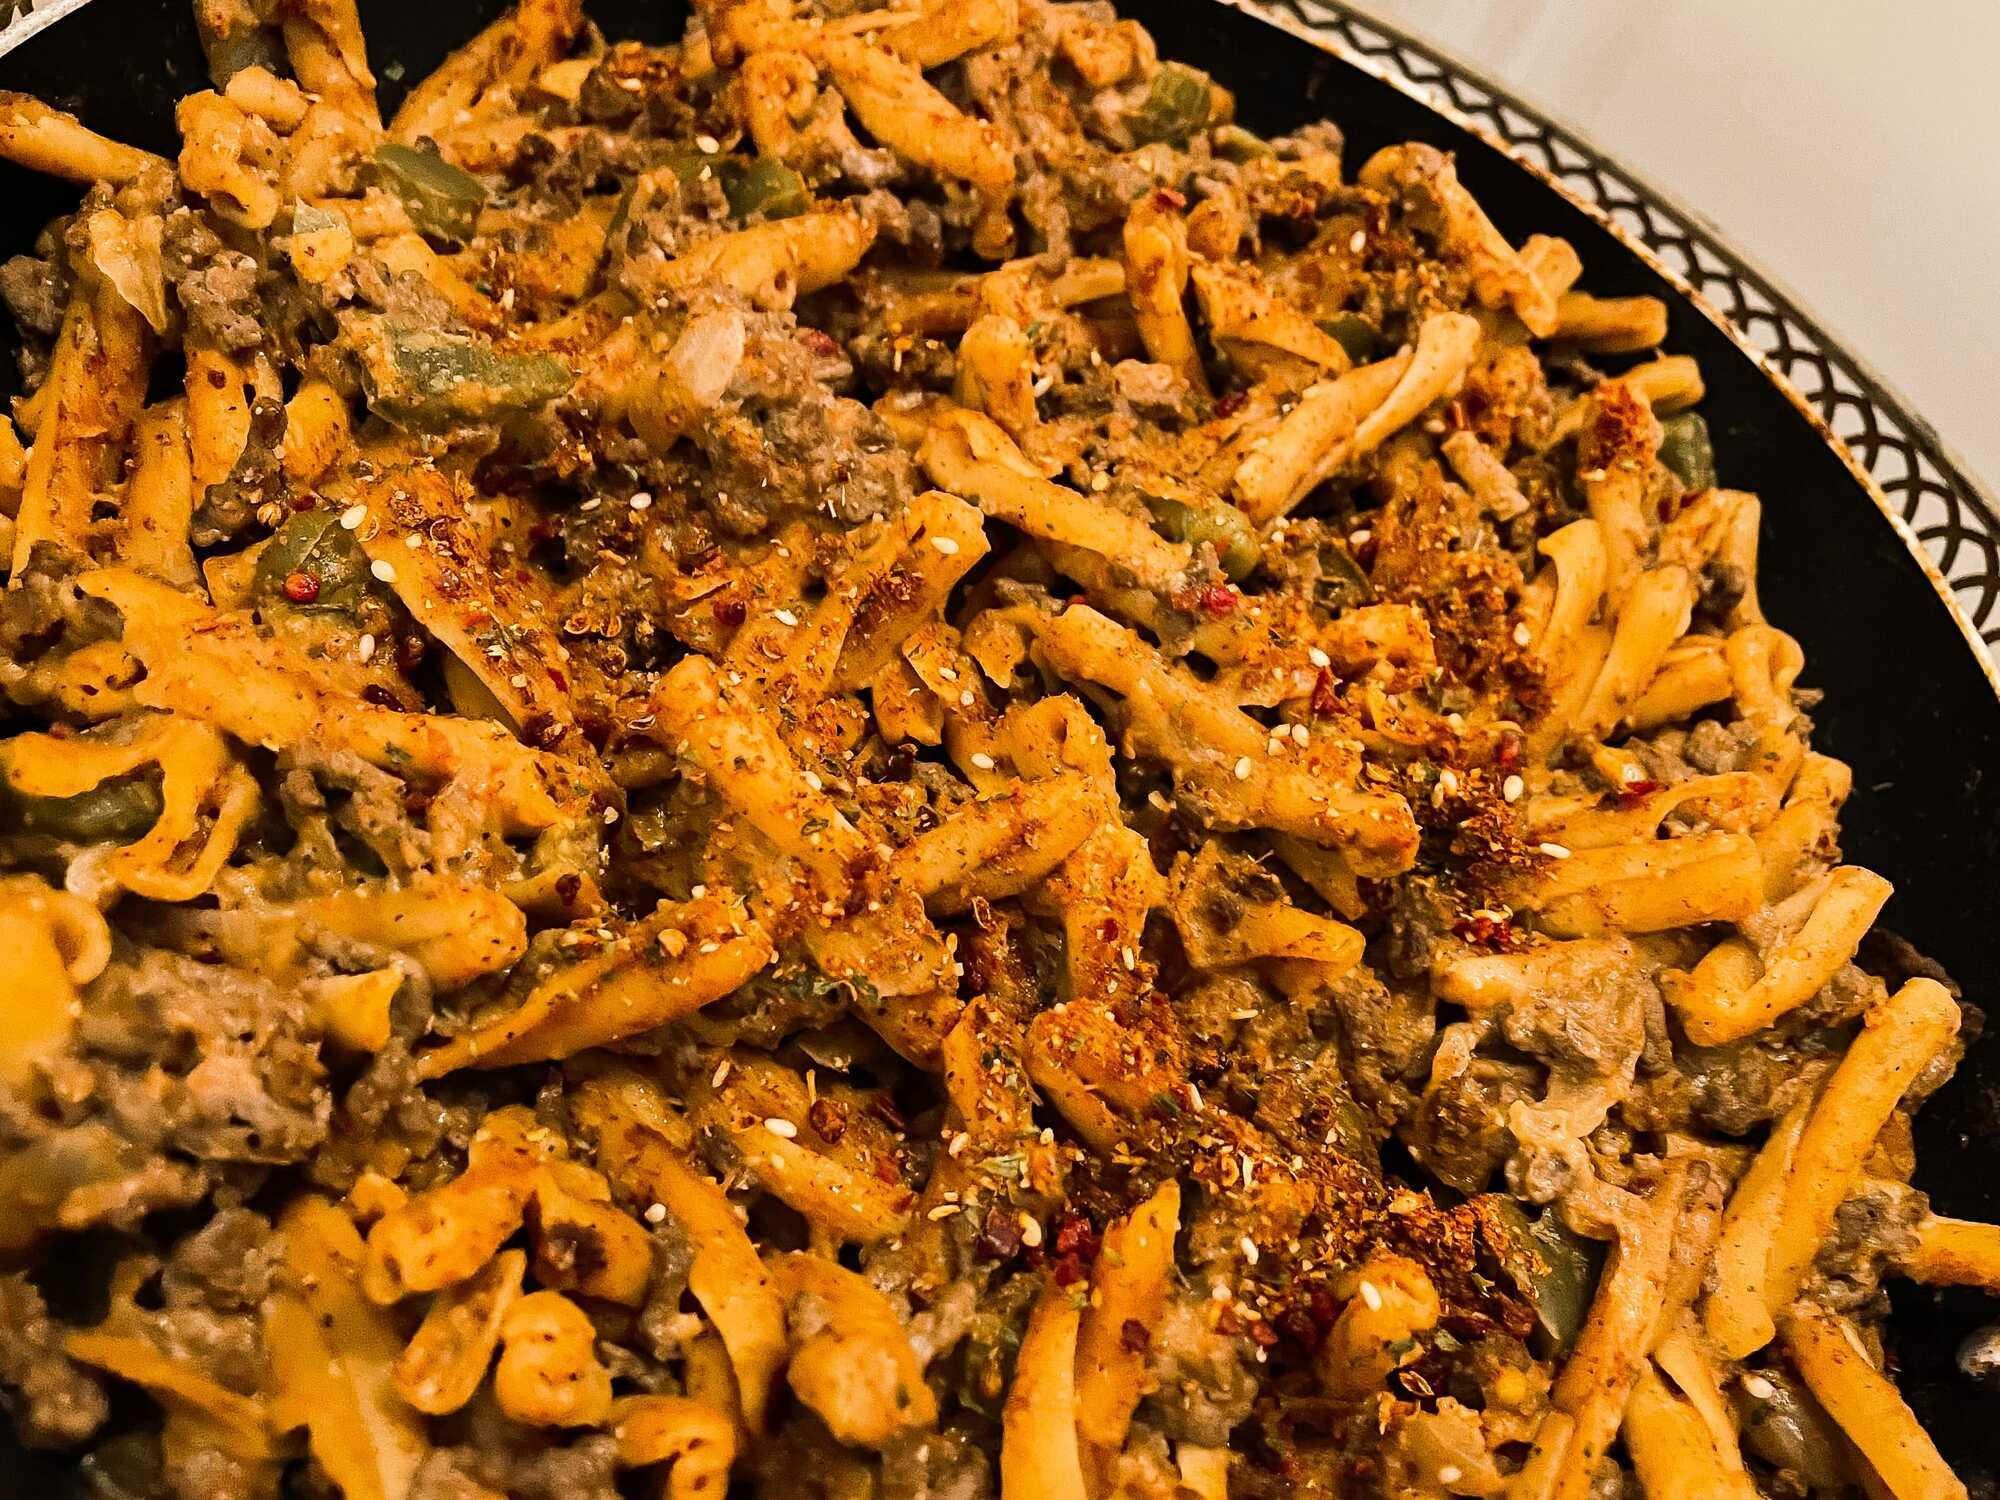 Dans un plat à gratin, les différents ingrédients de la recette ont pris la couleur des tomates et des épices pour le plus bel effet.